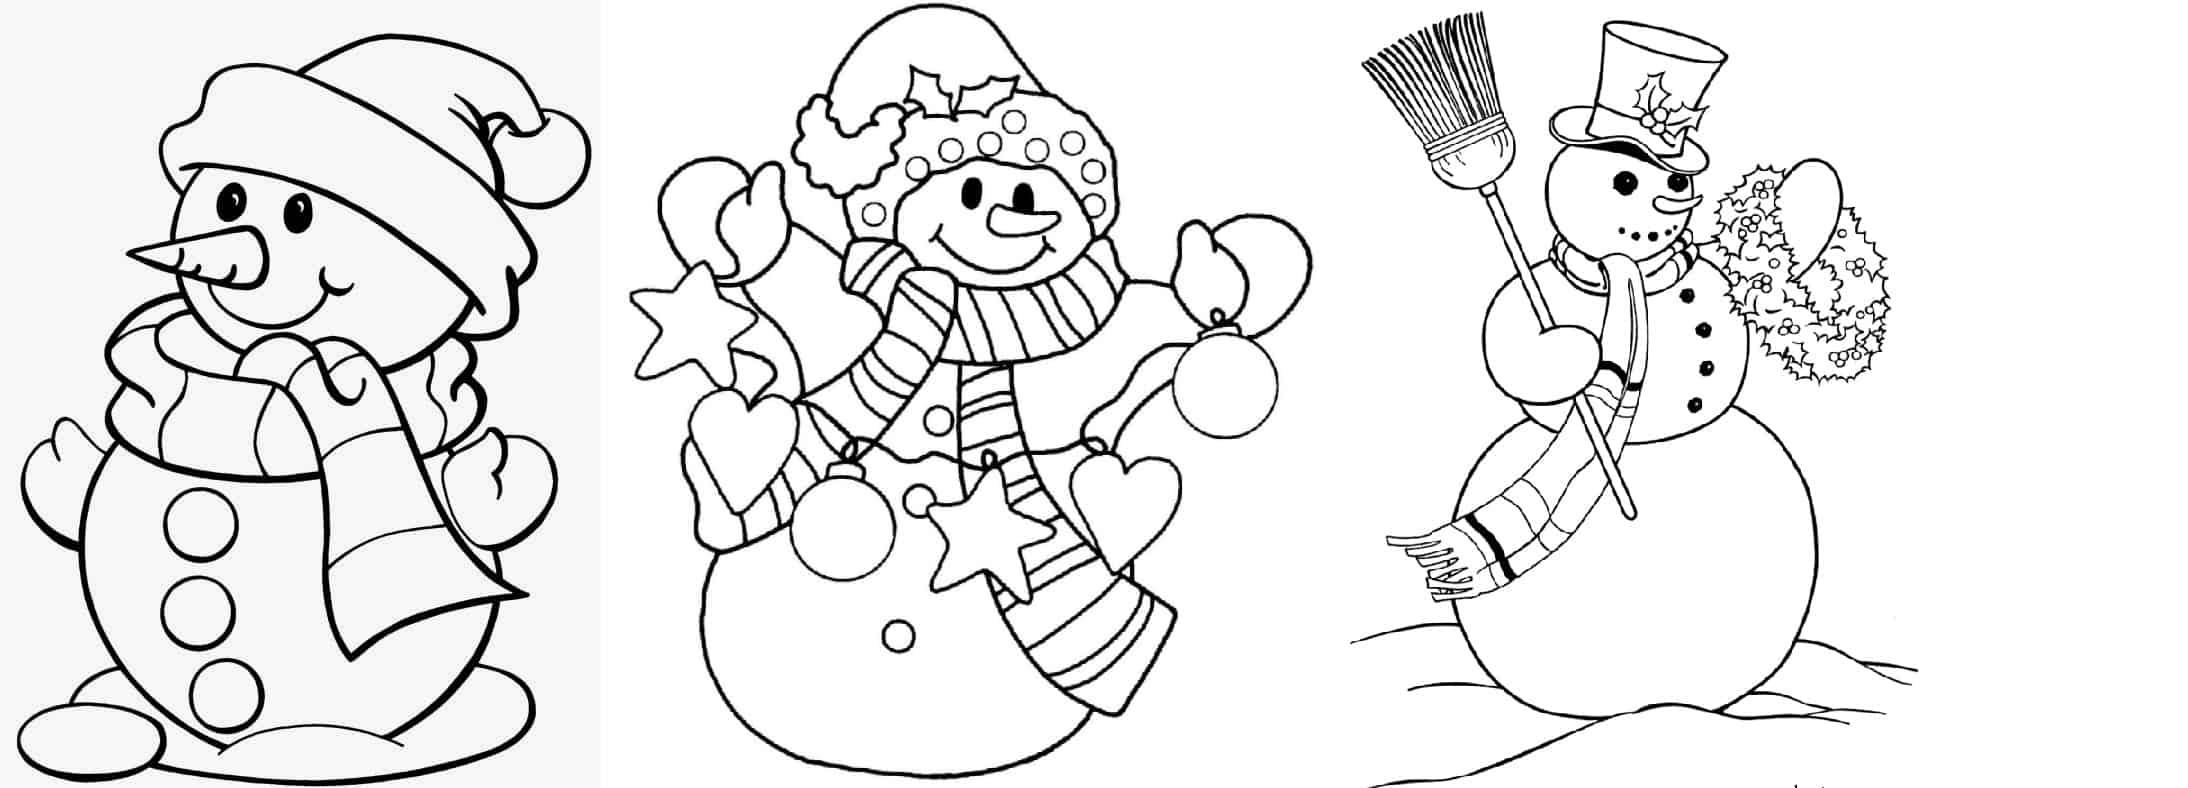 modelos de boneco de neve